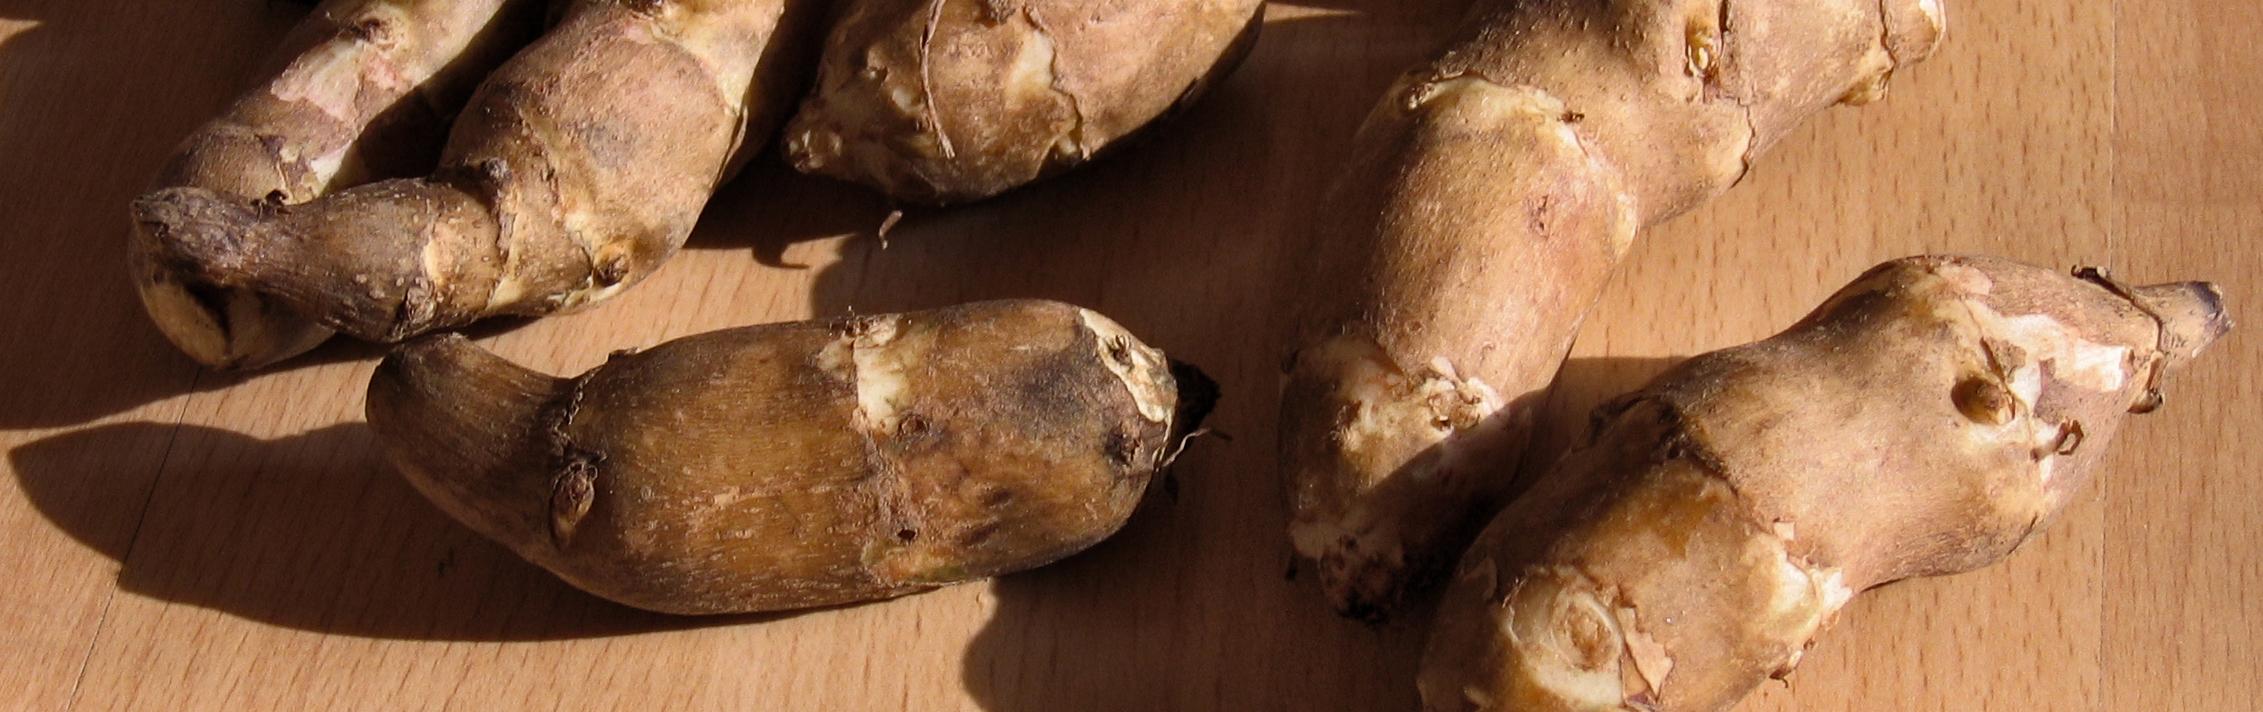 organic-jerusalem-artichoke-1318950